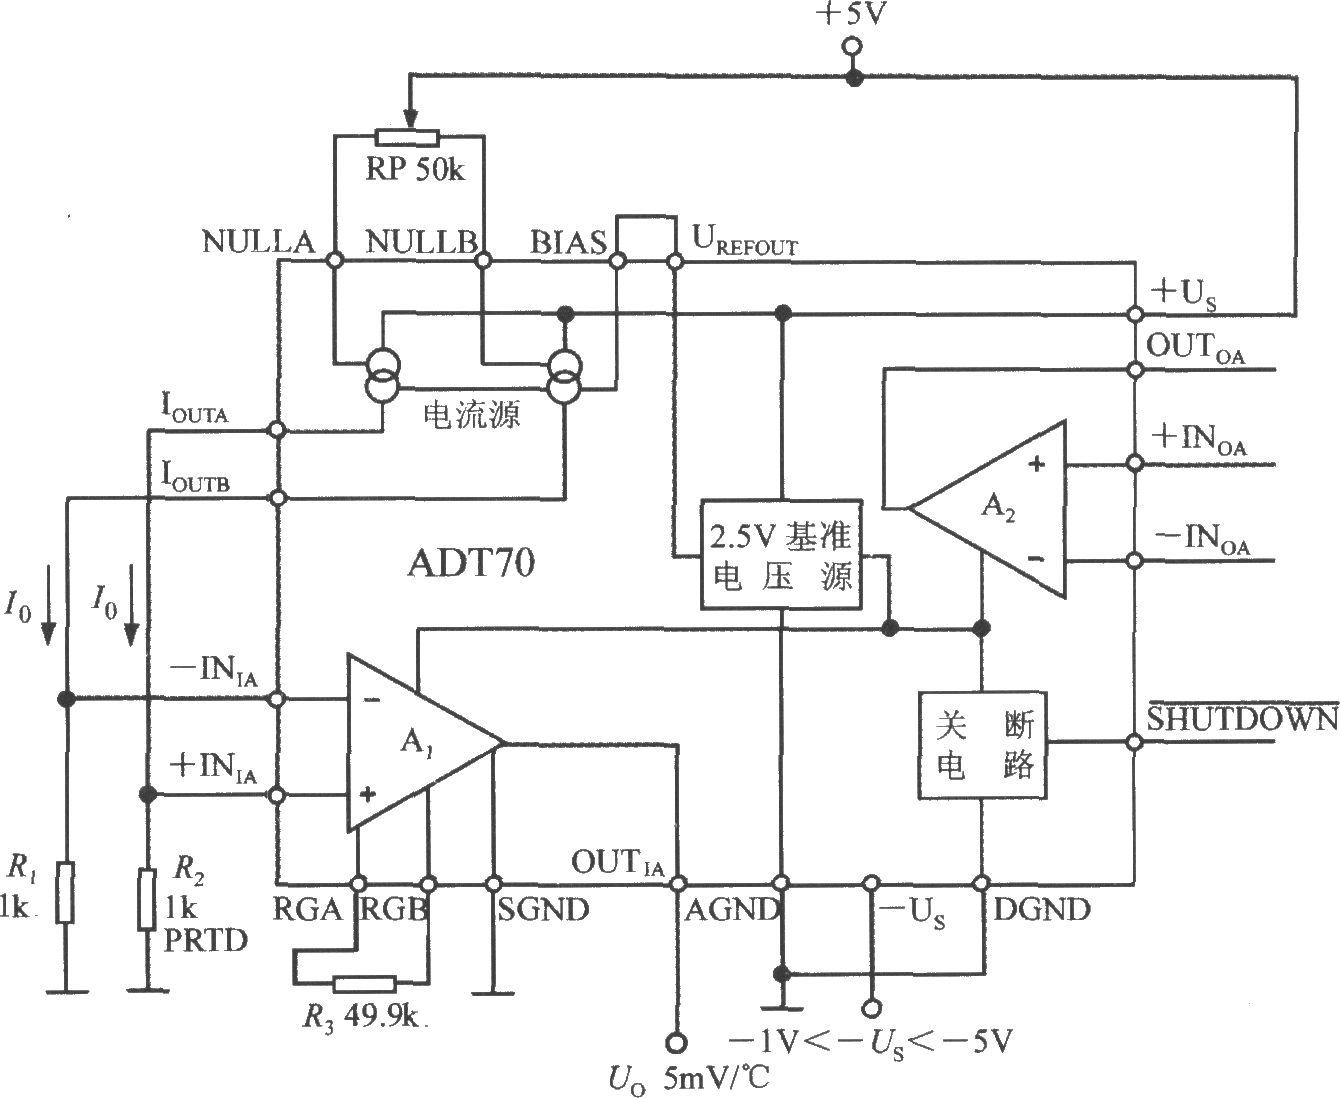 铂热电阻信号调理器adt70的内部电路框图及典型应用